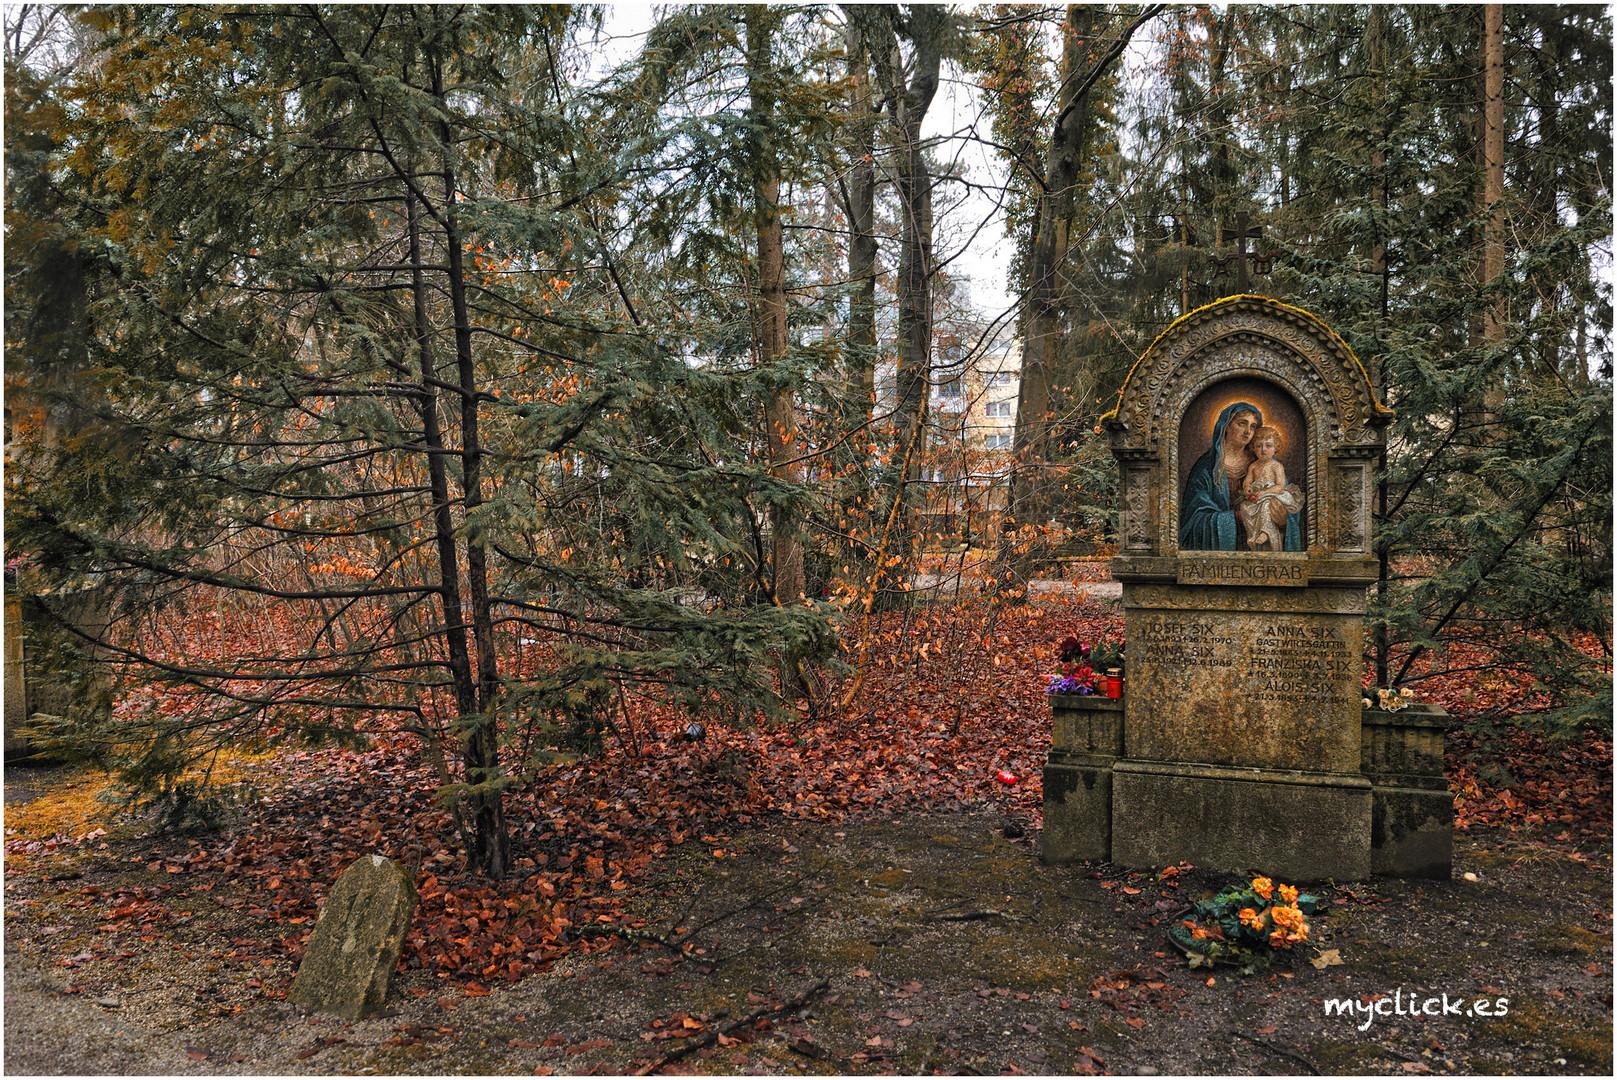 EN EL CEMENTERIO DE WALDRIEPHOF 2 -MUNICH (dedicado a Maria de la Rosa )